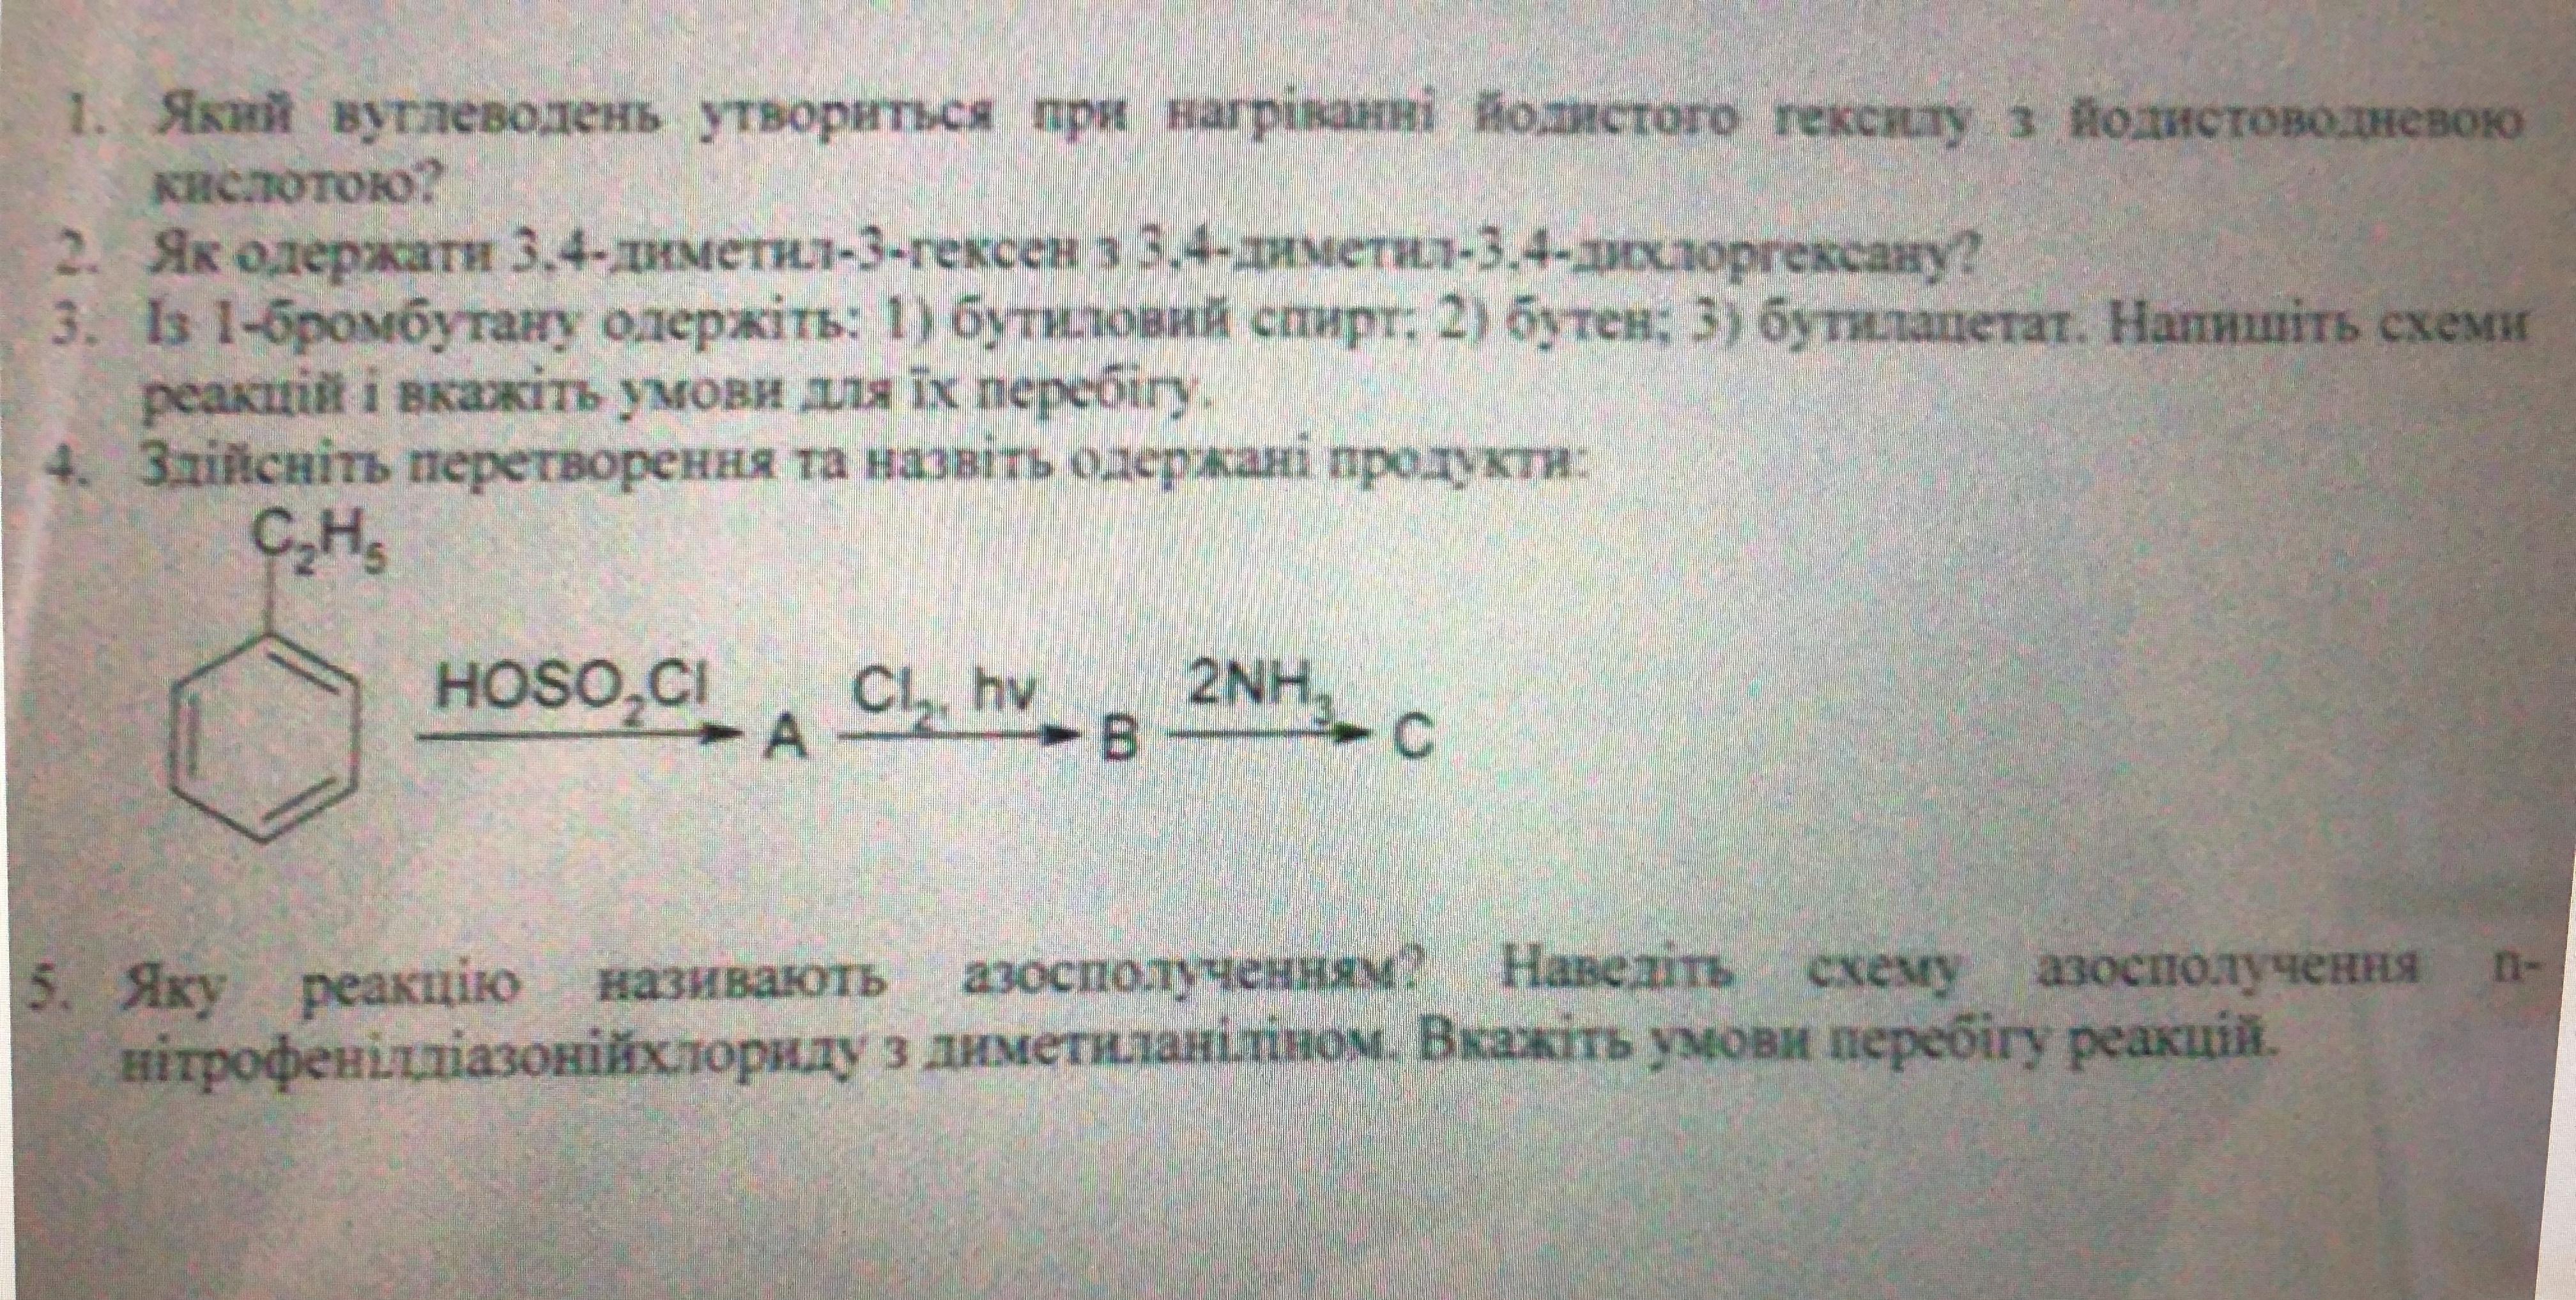 Хімія!!! Допоможіть, дуже треба.